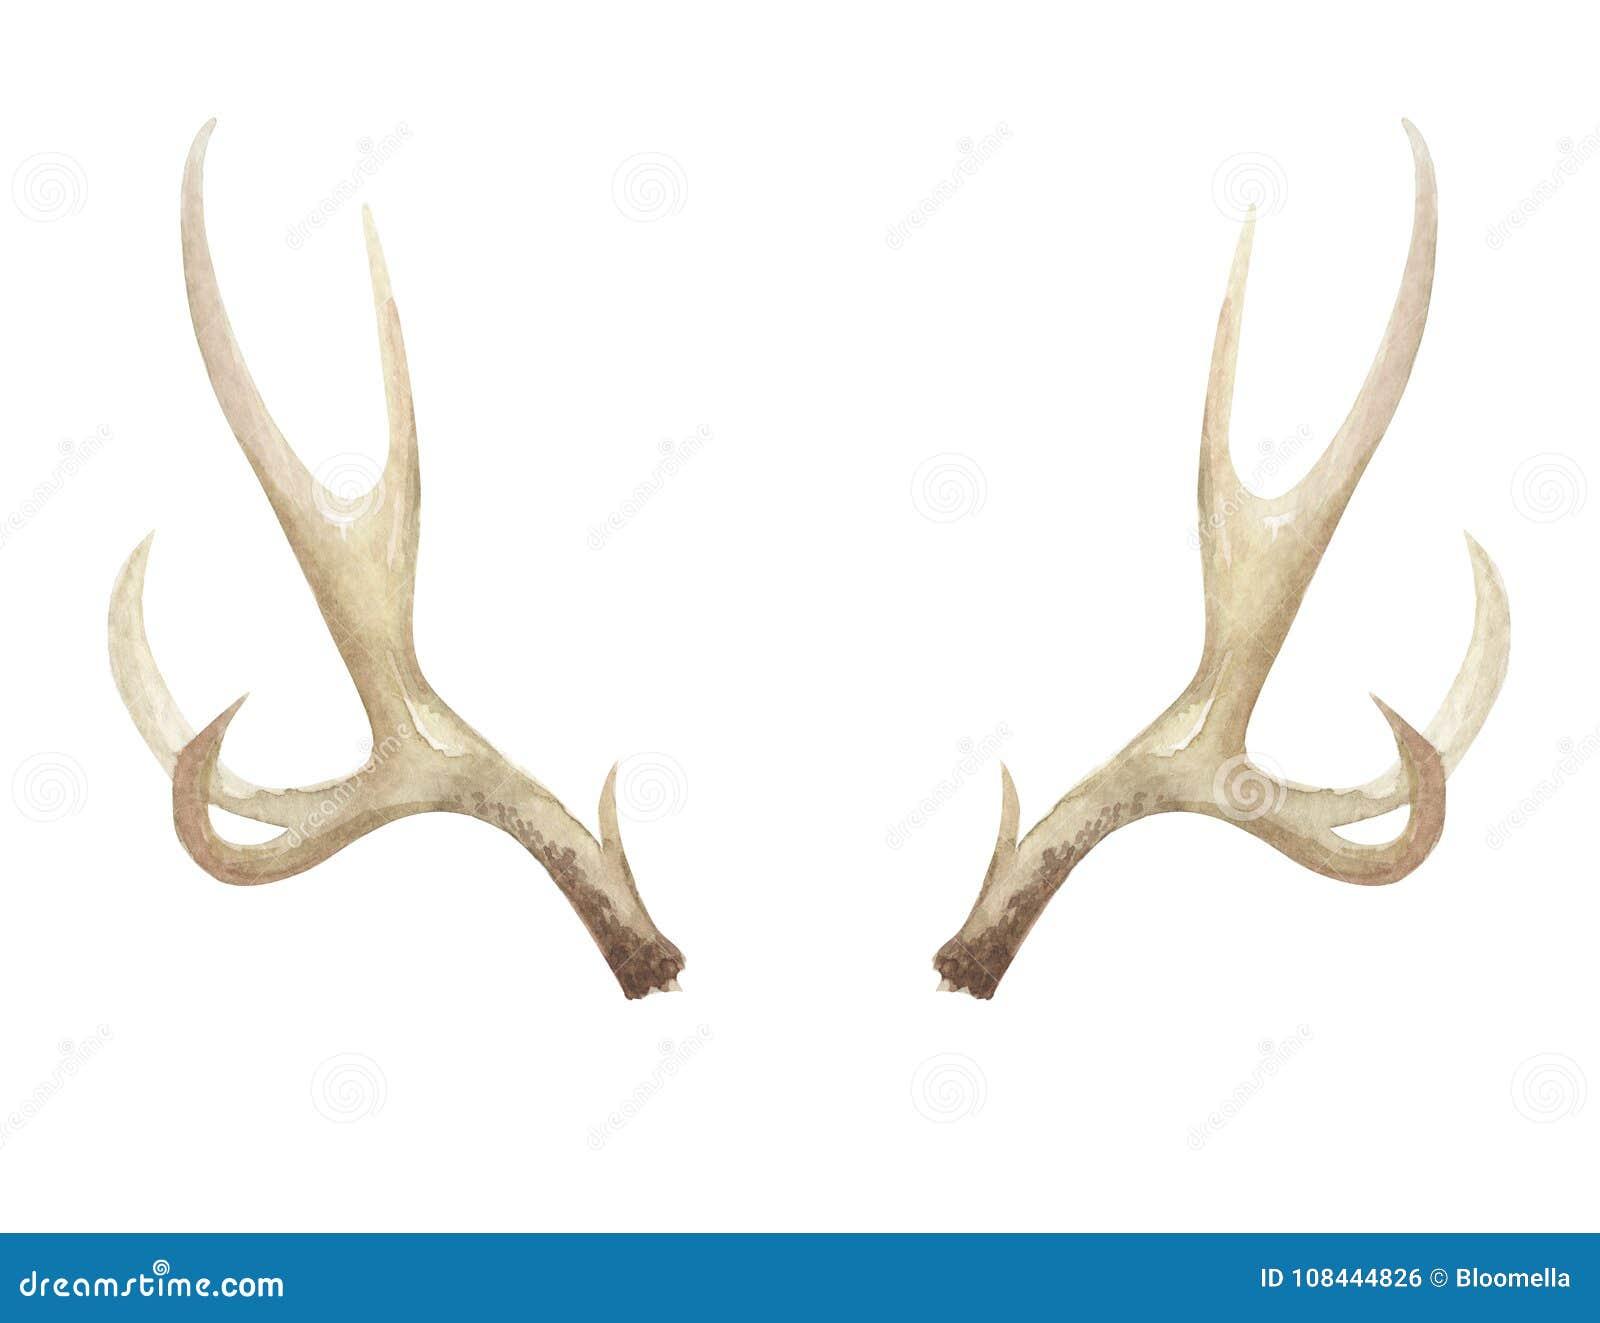 Watercolor Antlers Deer Stag Horns Bone Painted